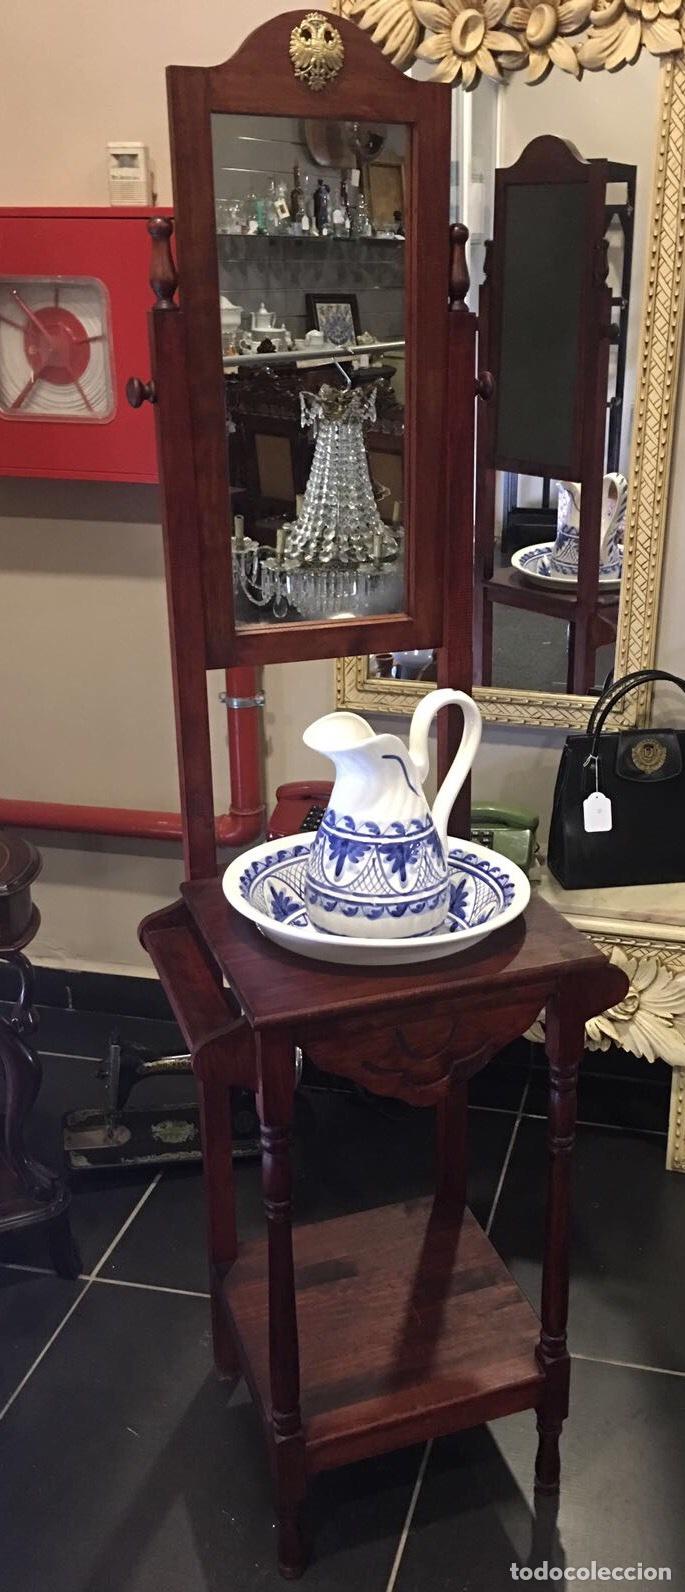 lavamanos tocador de madera con espejo y ceramica antigedades muebles antiguos auxiliares